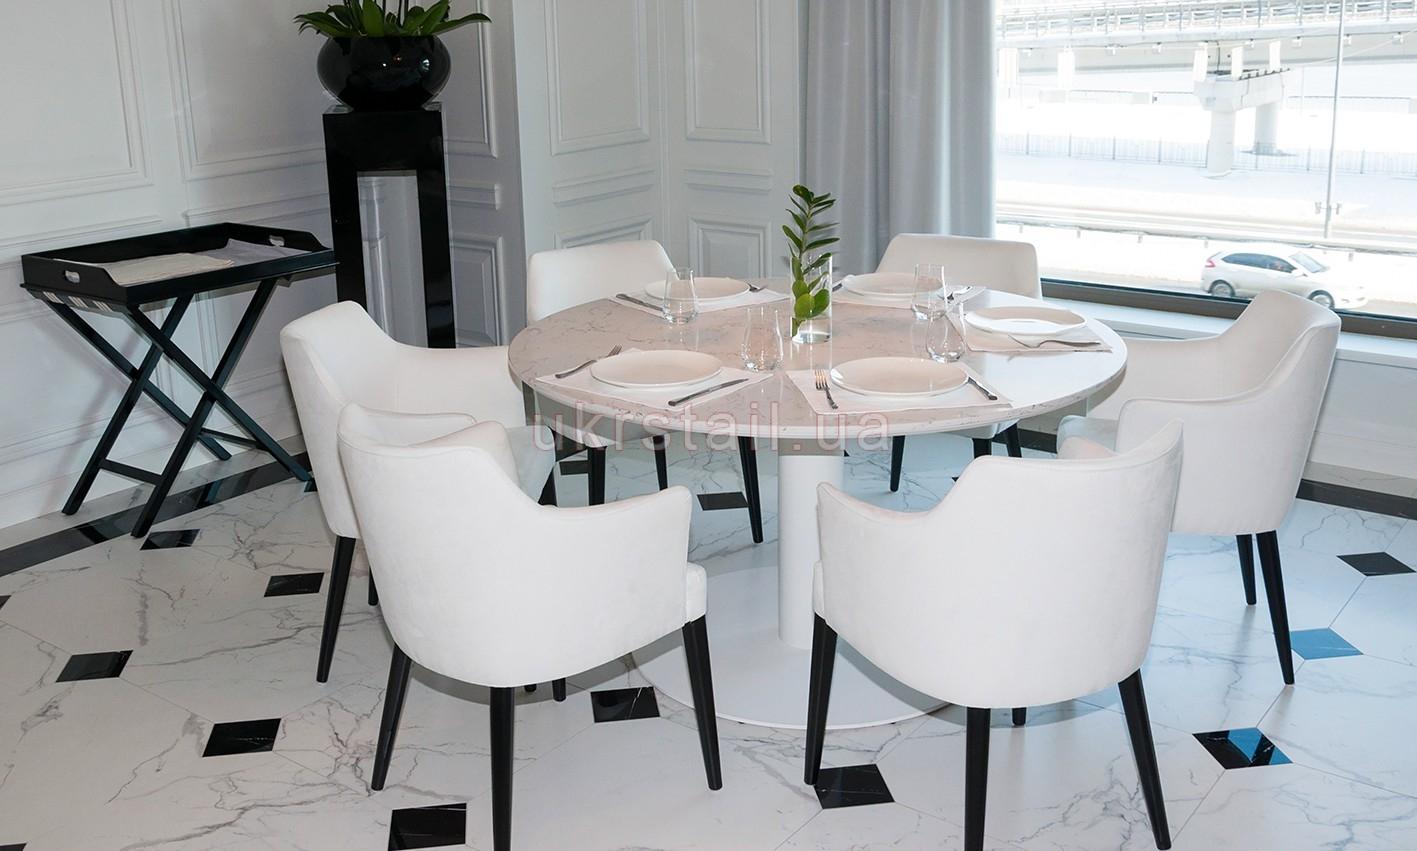 Стол круглый Vogue Cafe Kiev в гостинице Fairmont 10